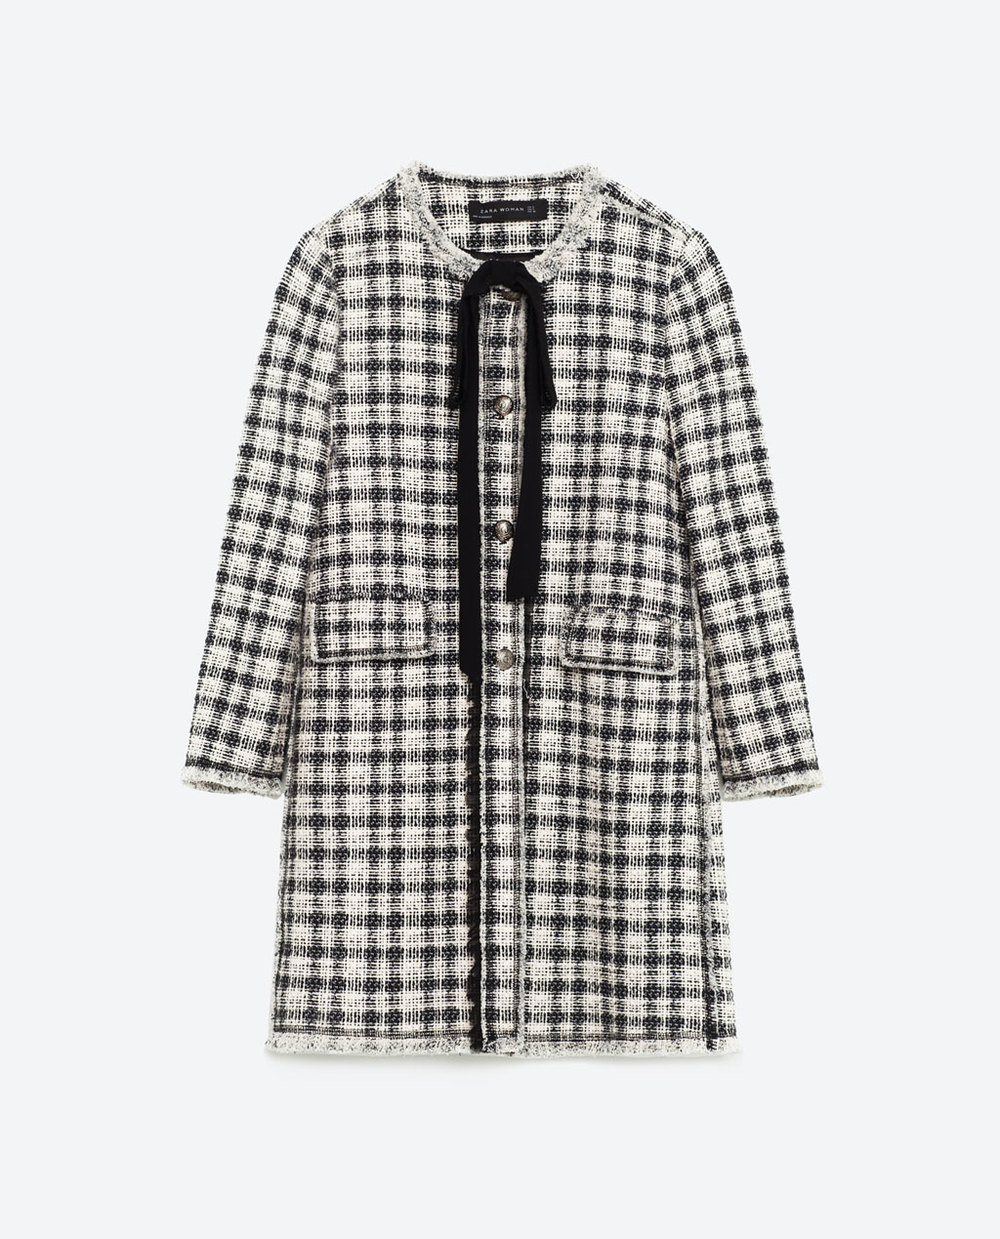 Zara, £89